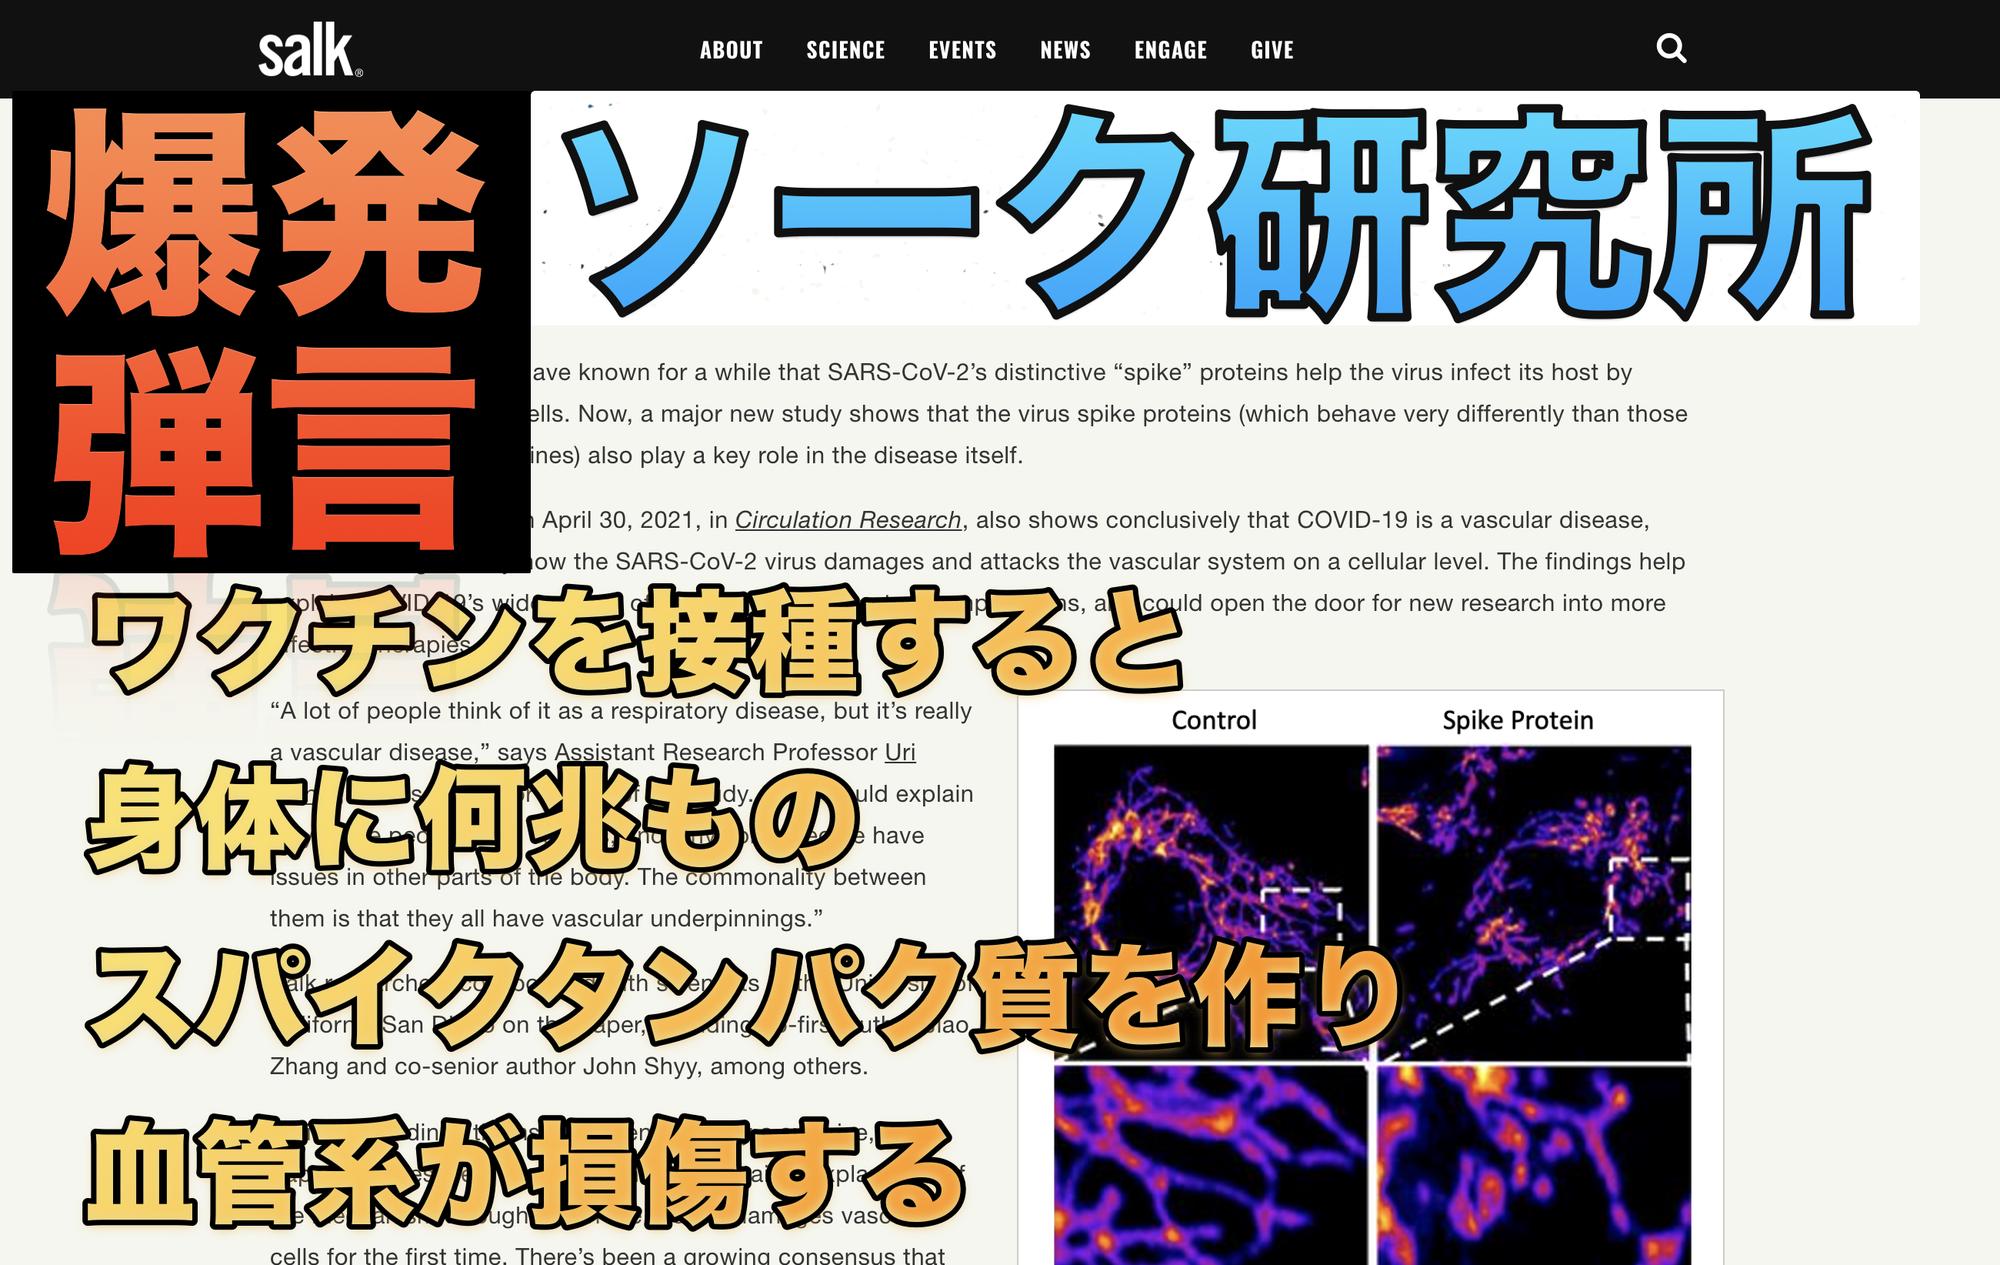 【コロナワクチンの真相】ソーク研究所「新型コロナウイルスのスパイクタンパク質がさらに重要な役割を果たしている」